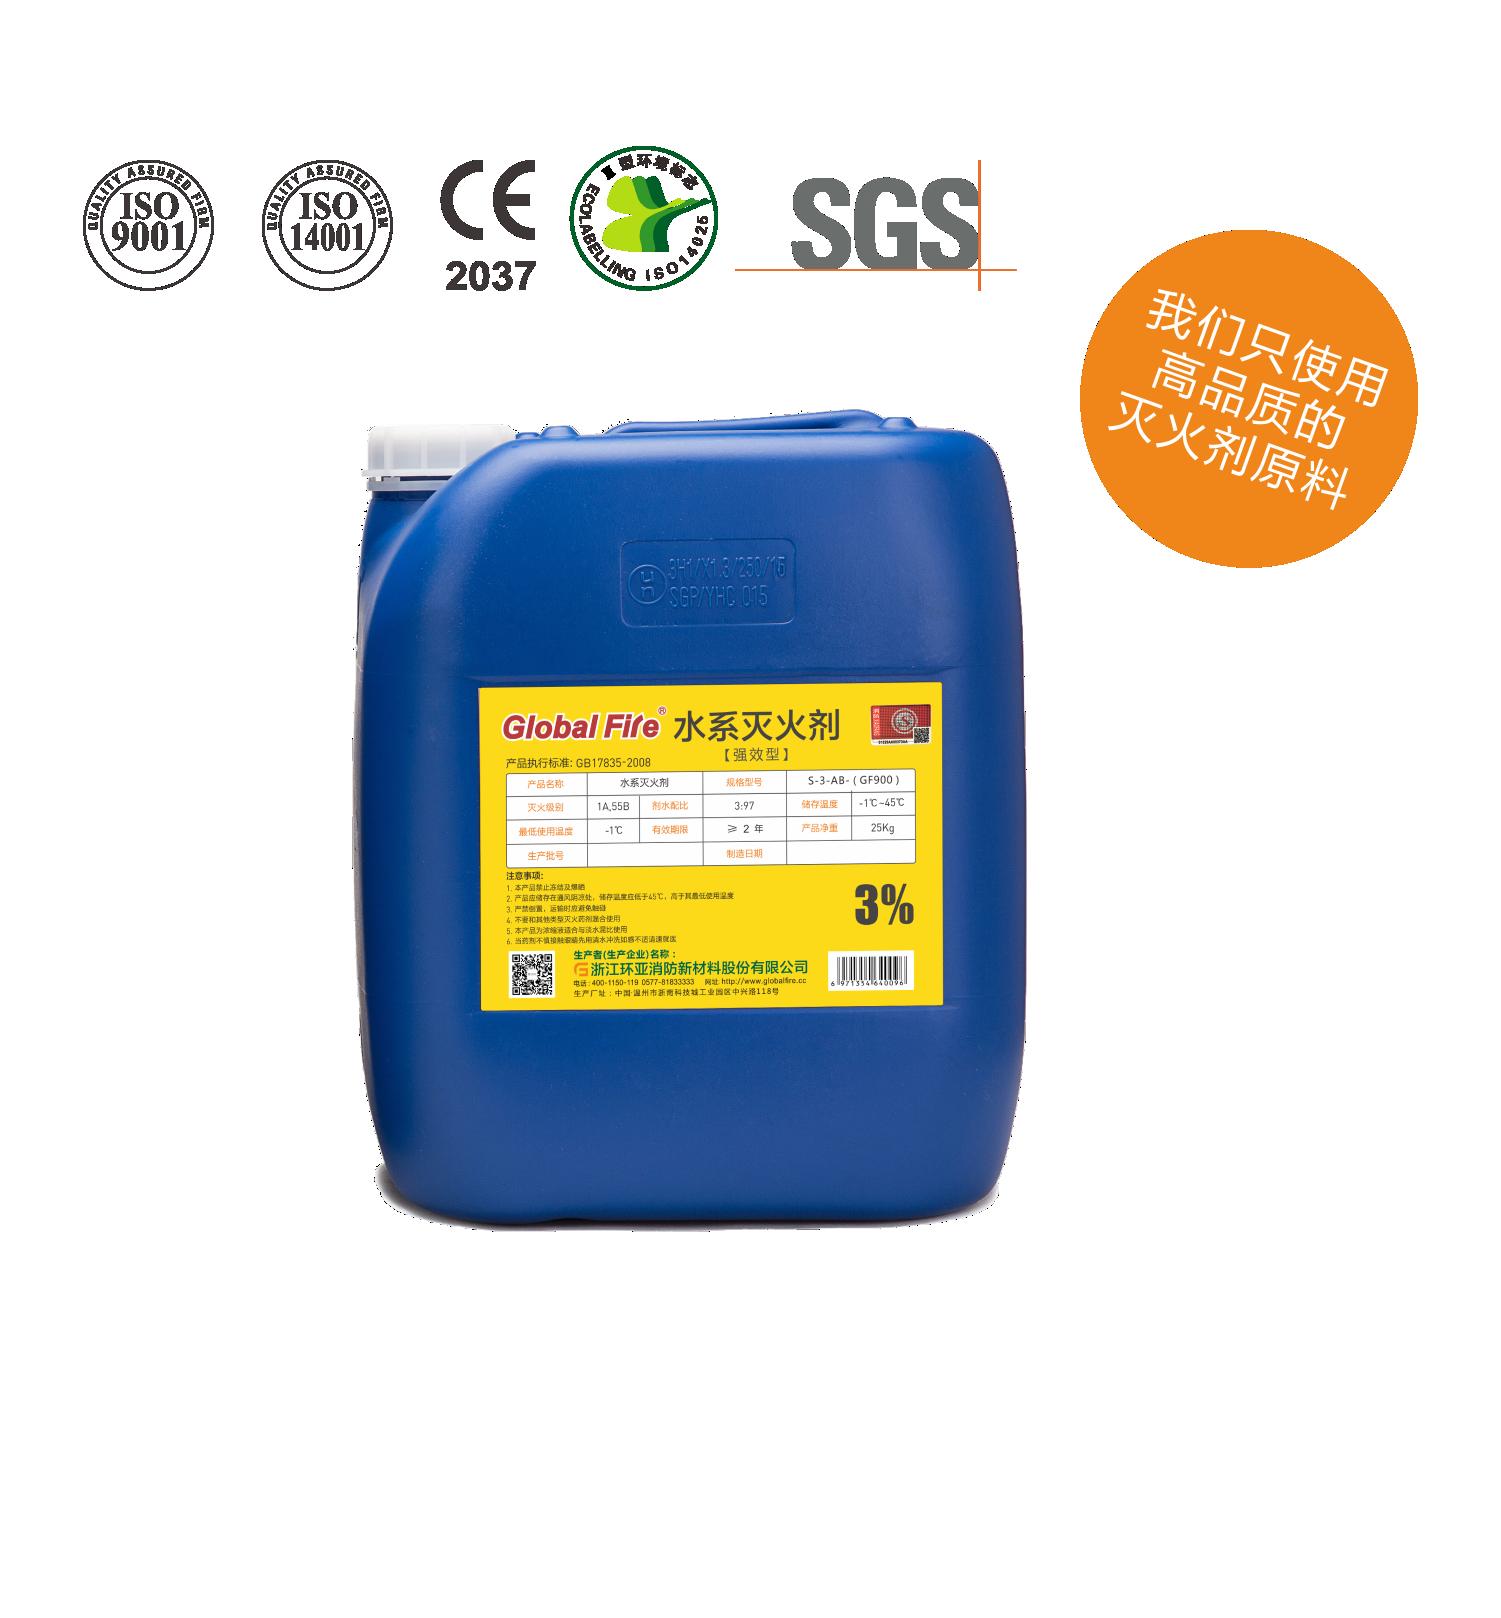 水系灭火剂S-3-AB(GF900)